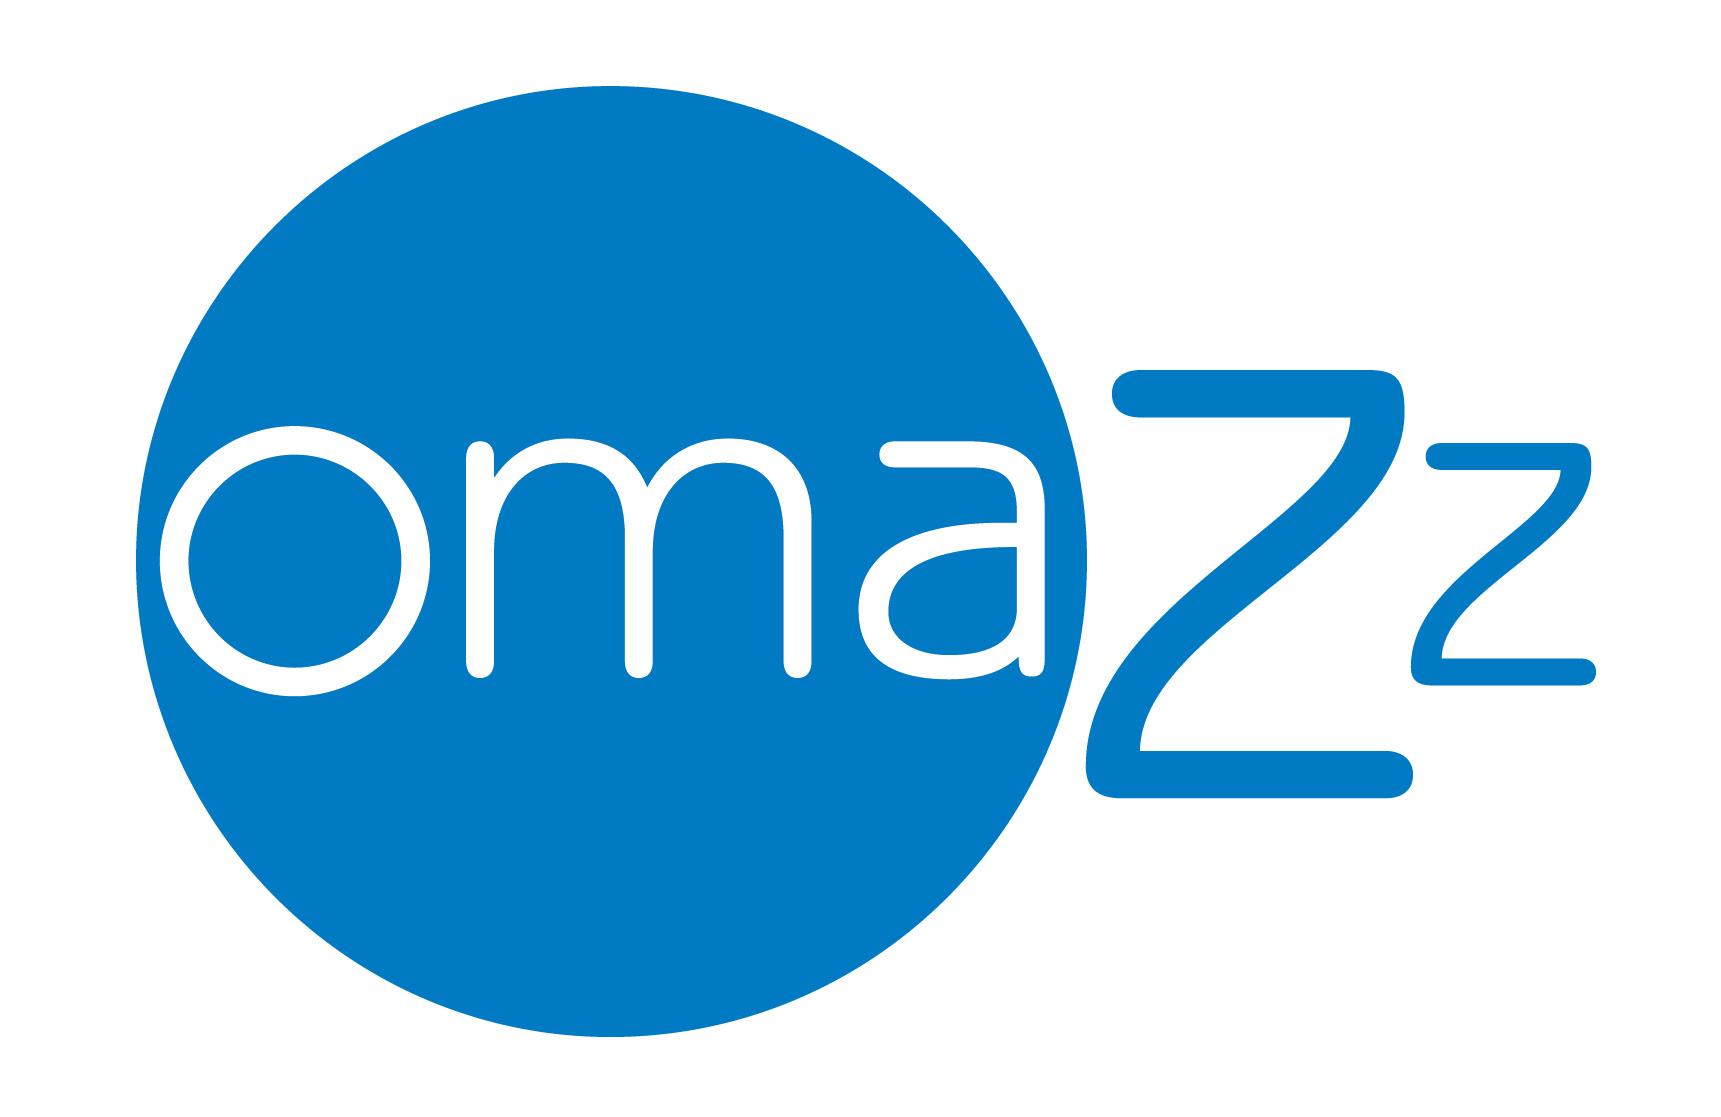 Omazz